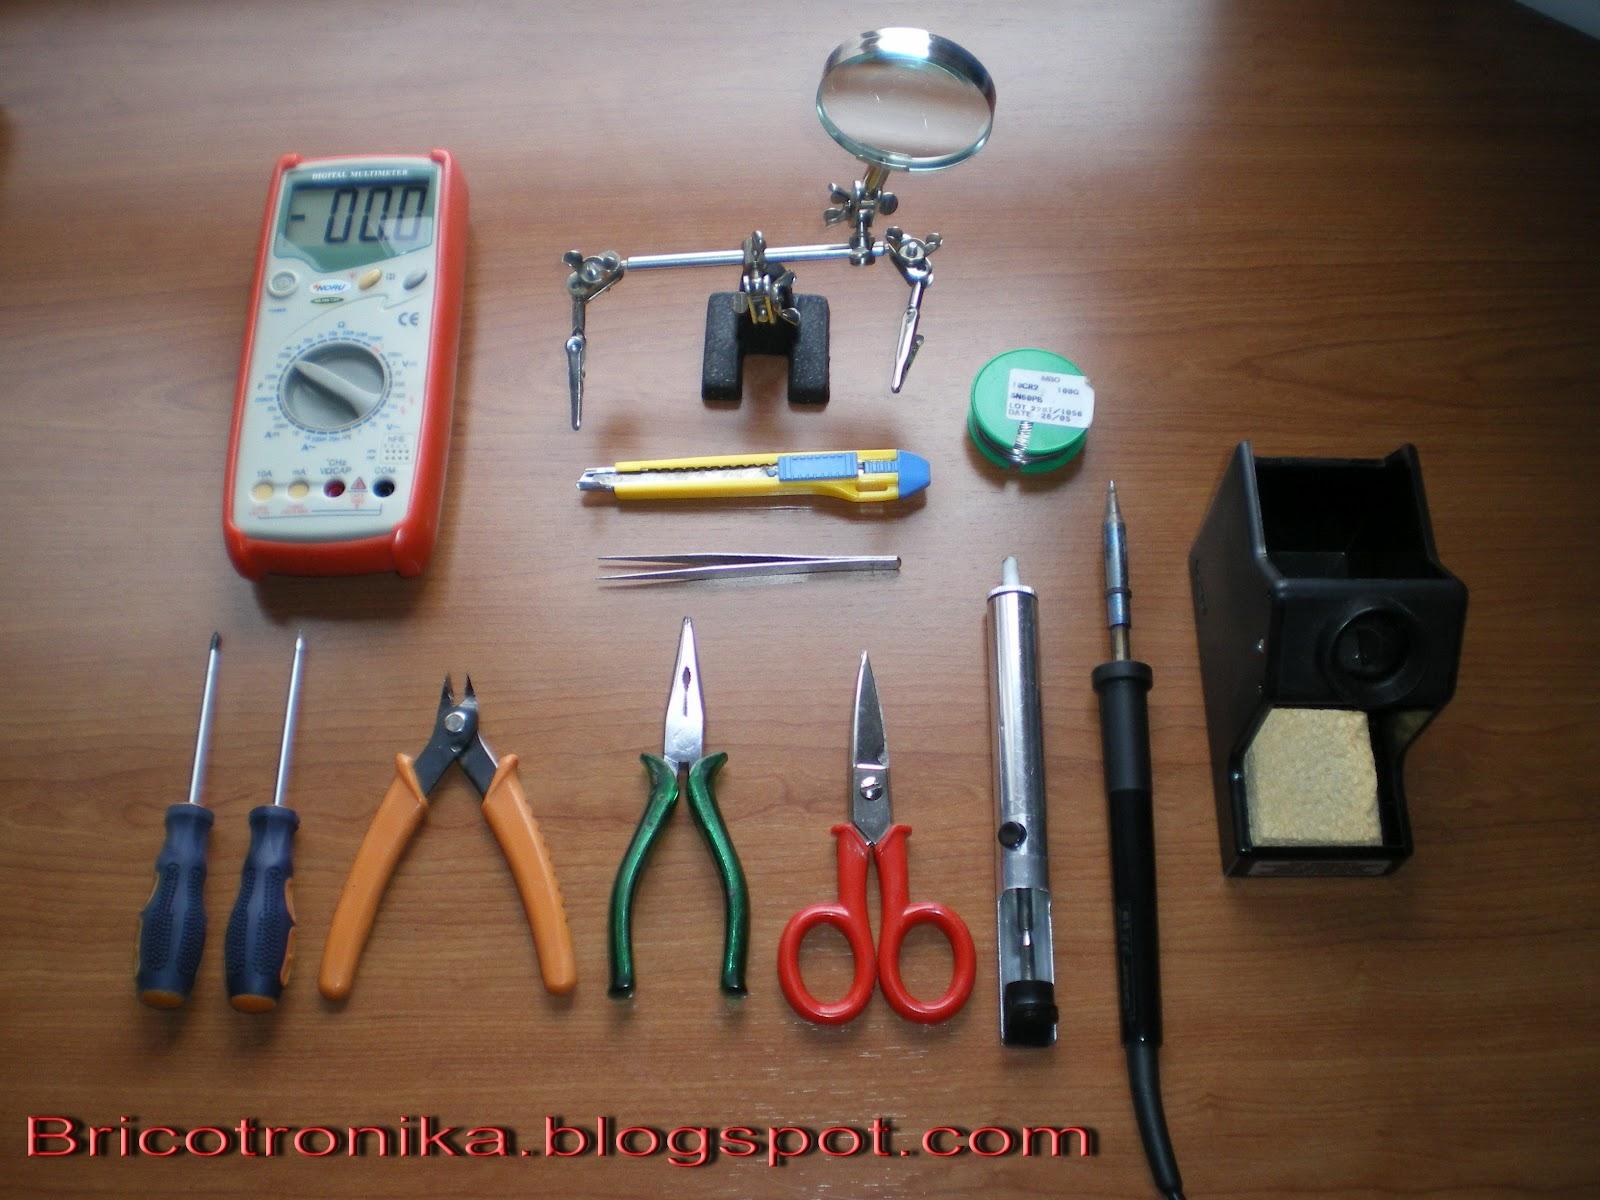 Bricotronika el taller de electr nica - El taller de pinero ...